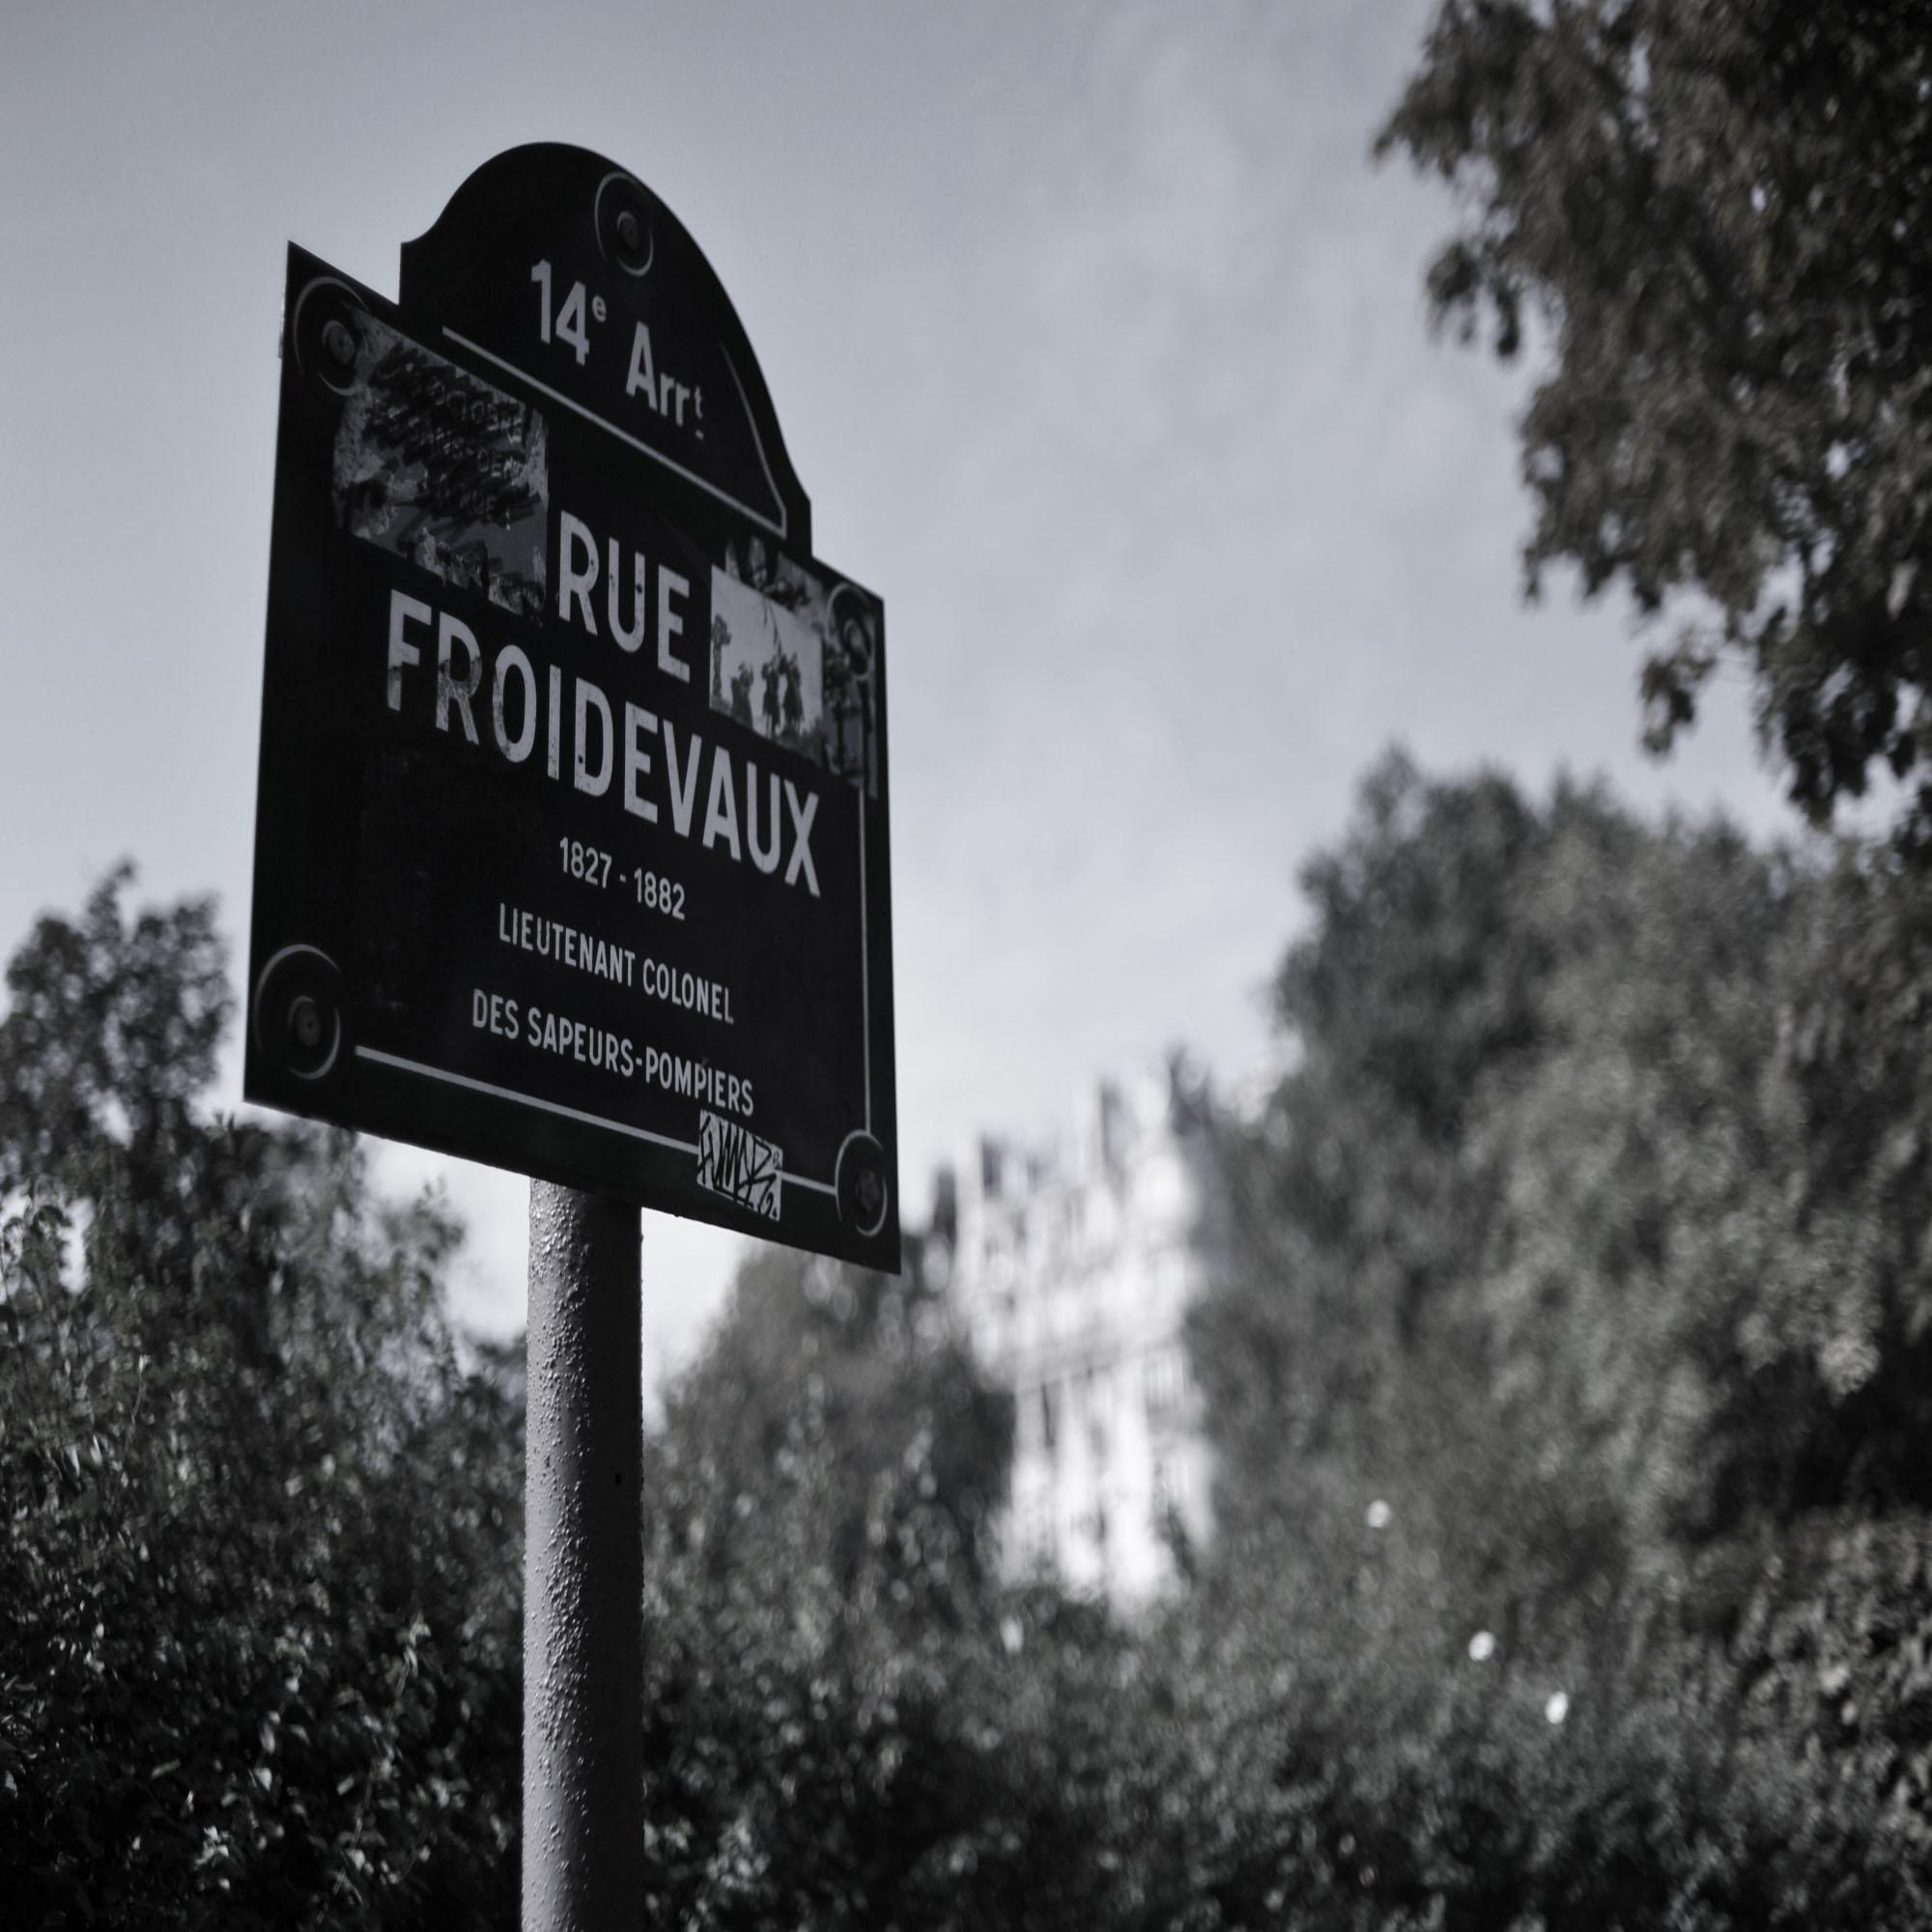 ruefroidevauxsq.jpg